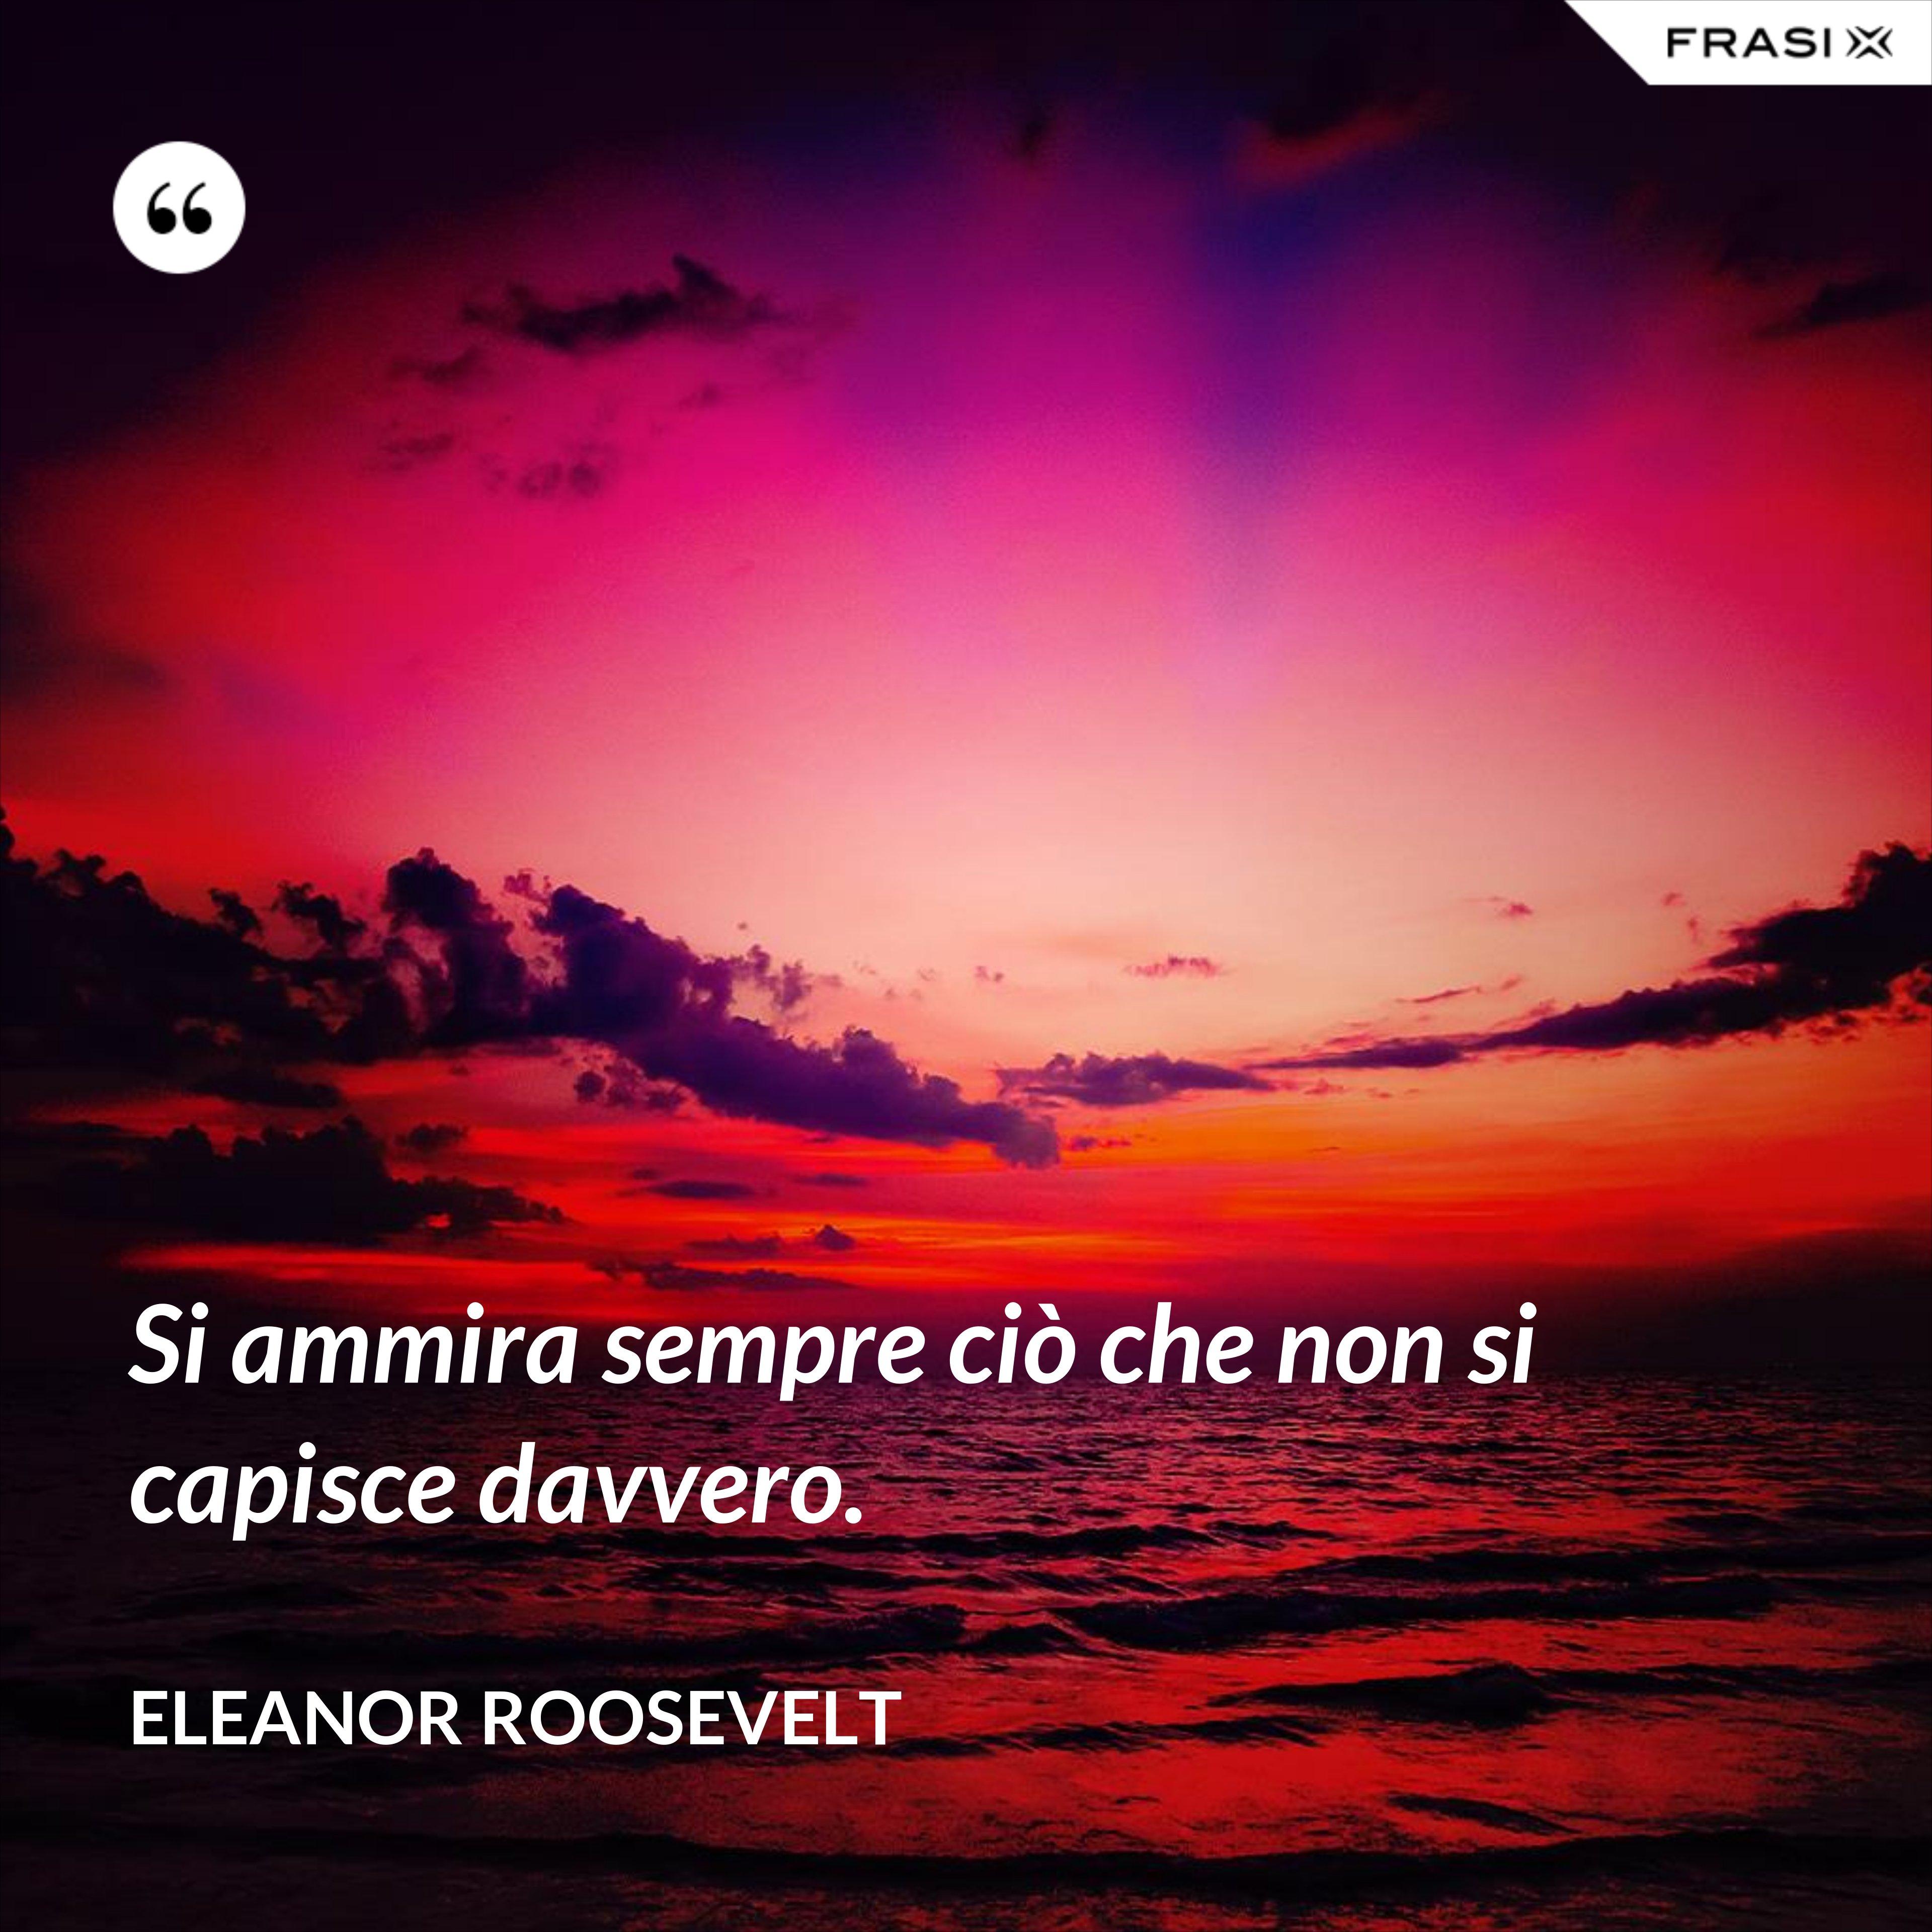 Si ammira sempre ciò che non si capisce davvero. - Eleanor Roosevelt